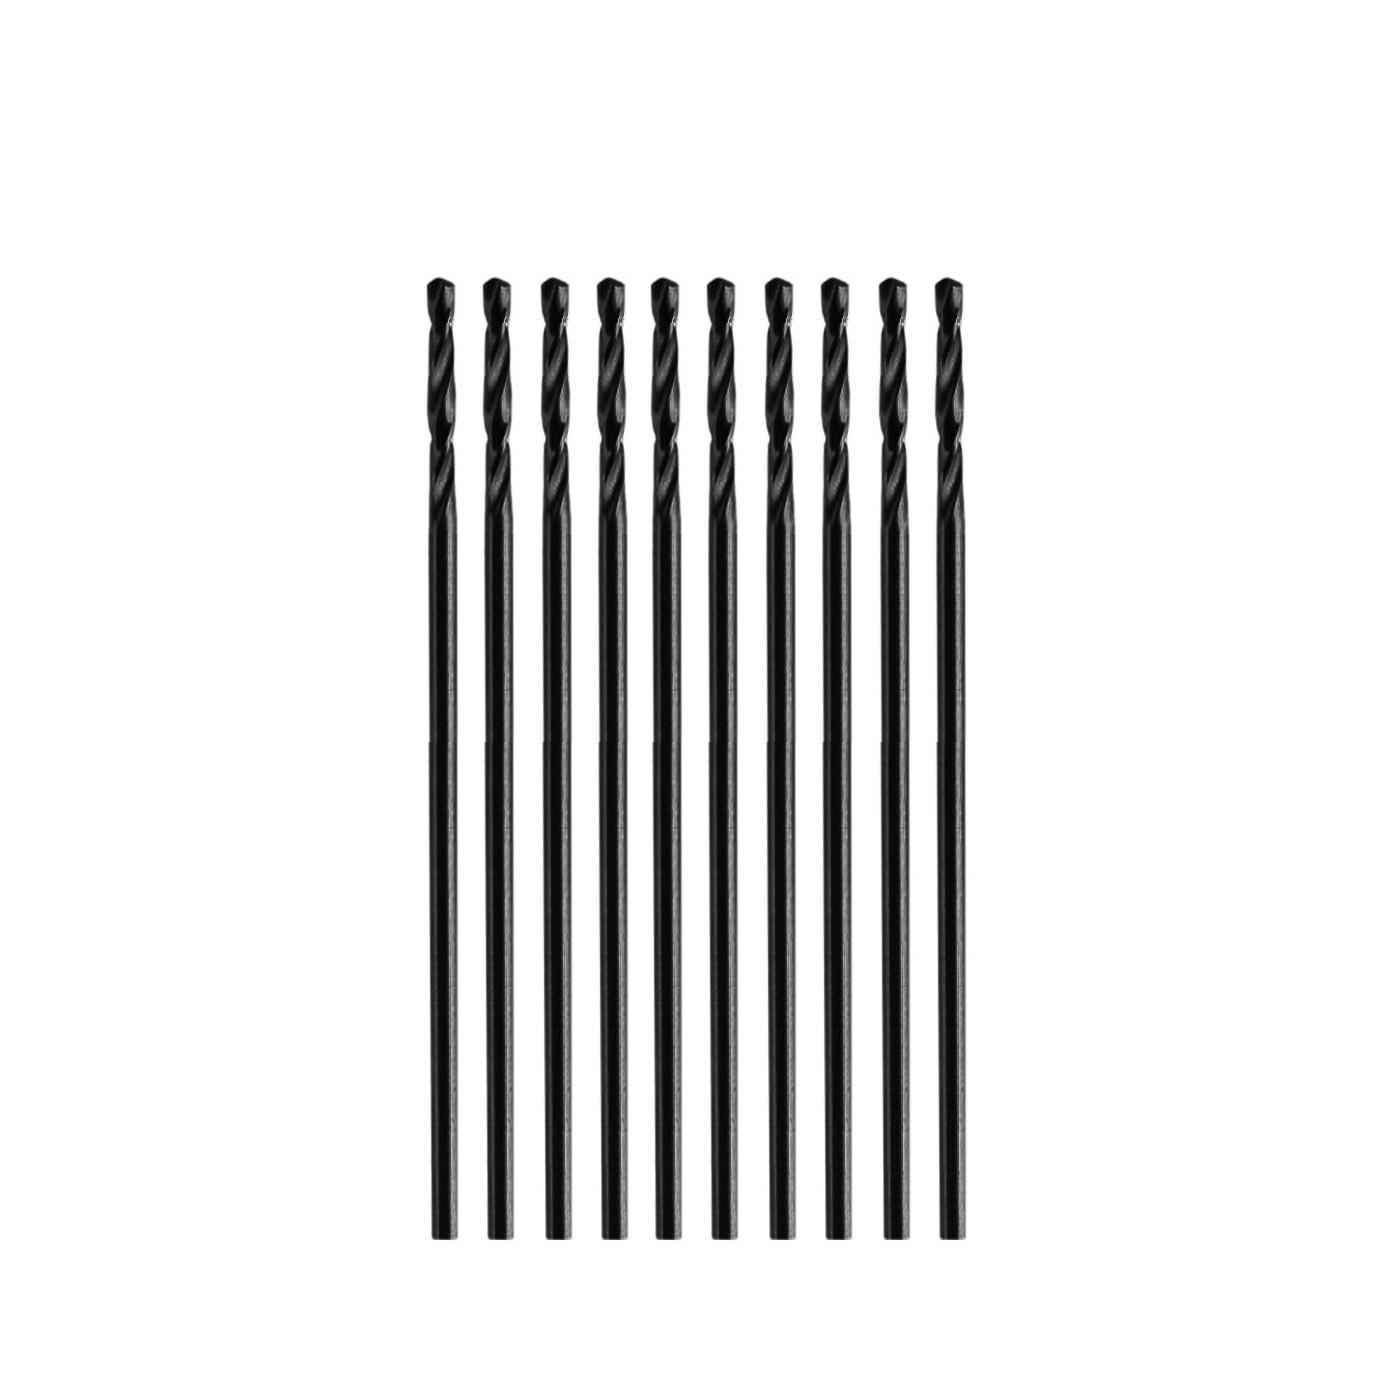 Set van 10 kleine metaalboren (0,6x21 mm, HSS)